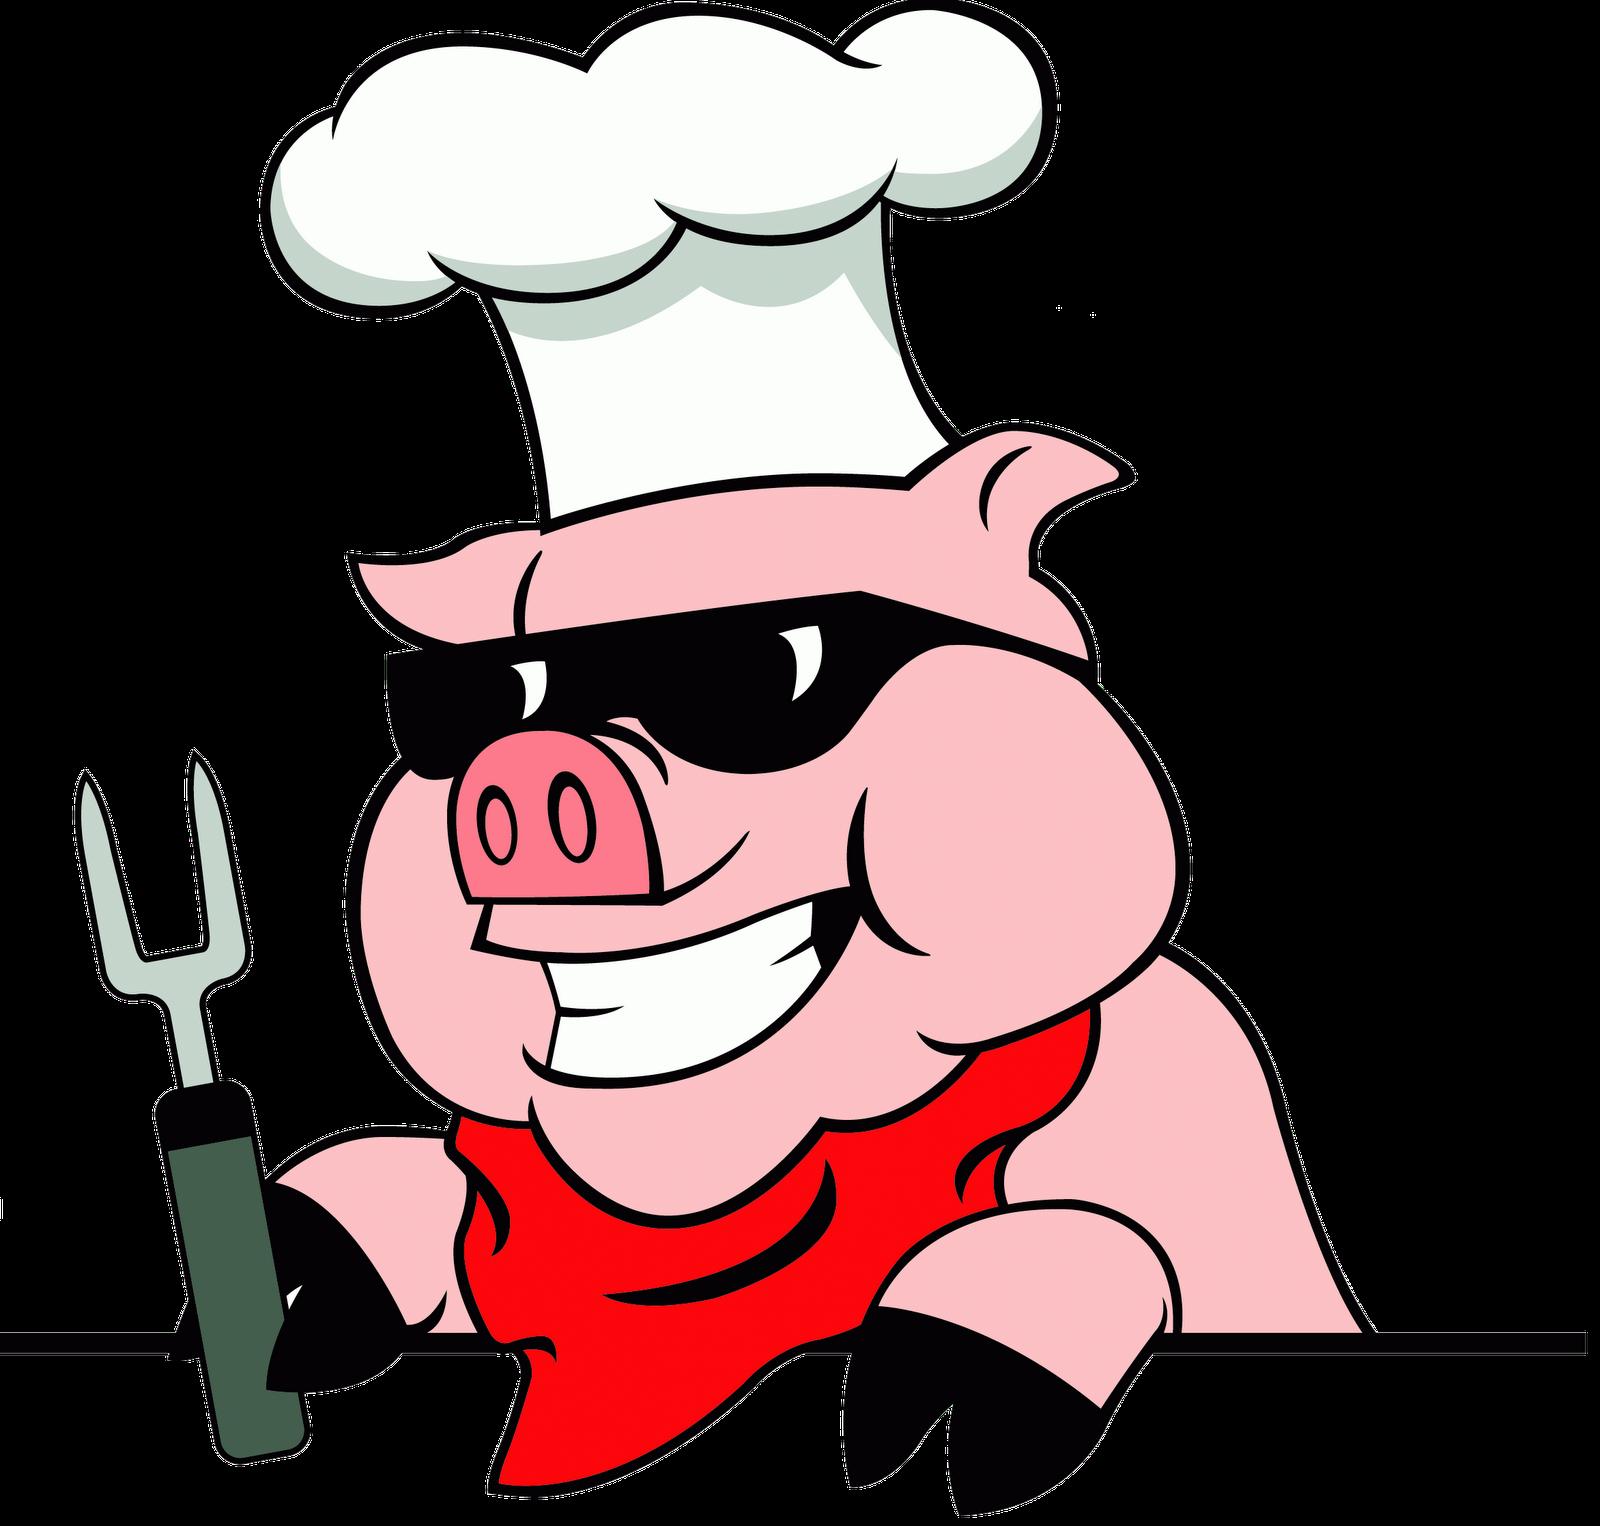 Pig Roast Clip Art - Cliparts.co